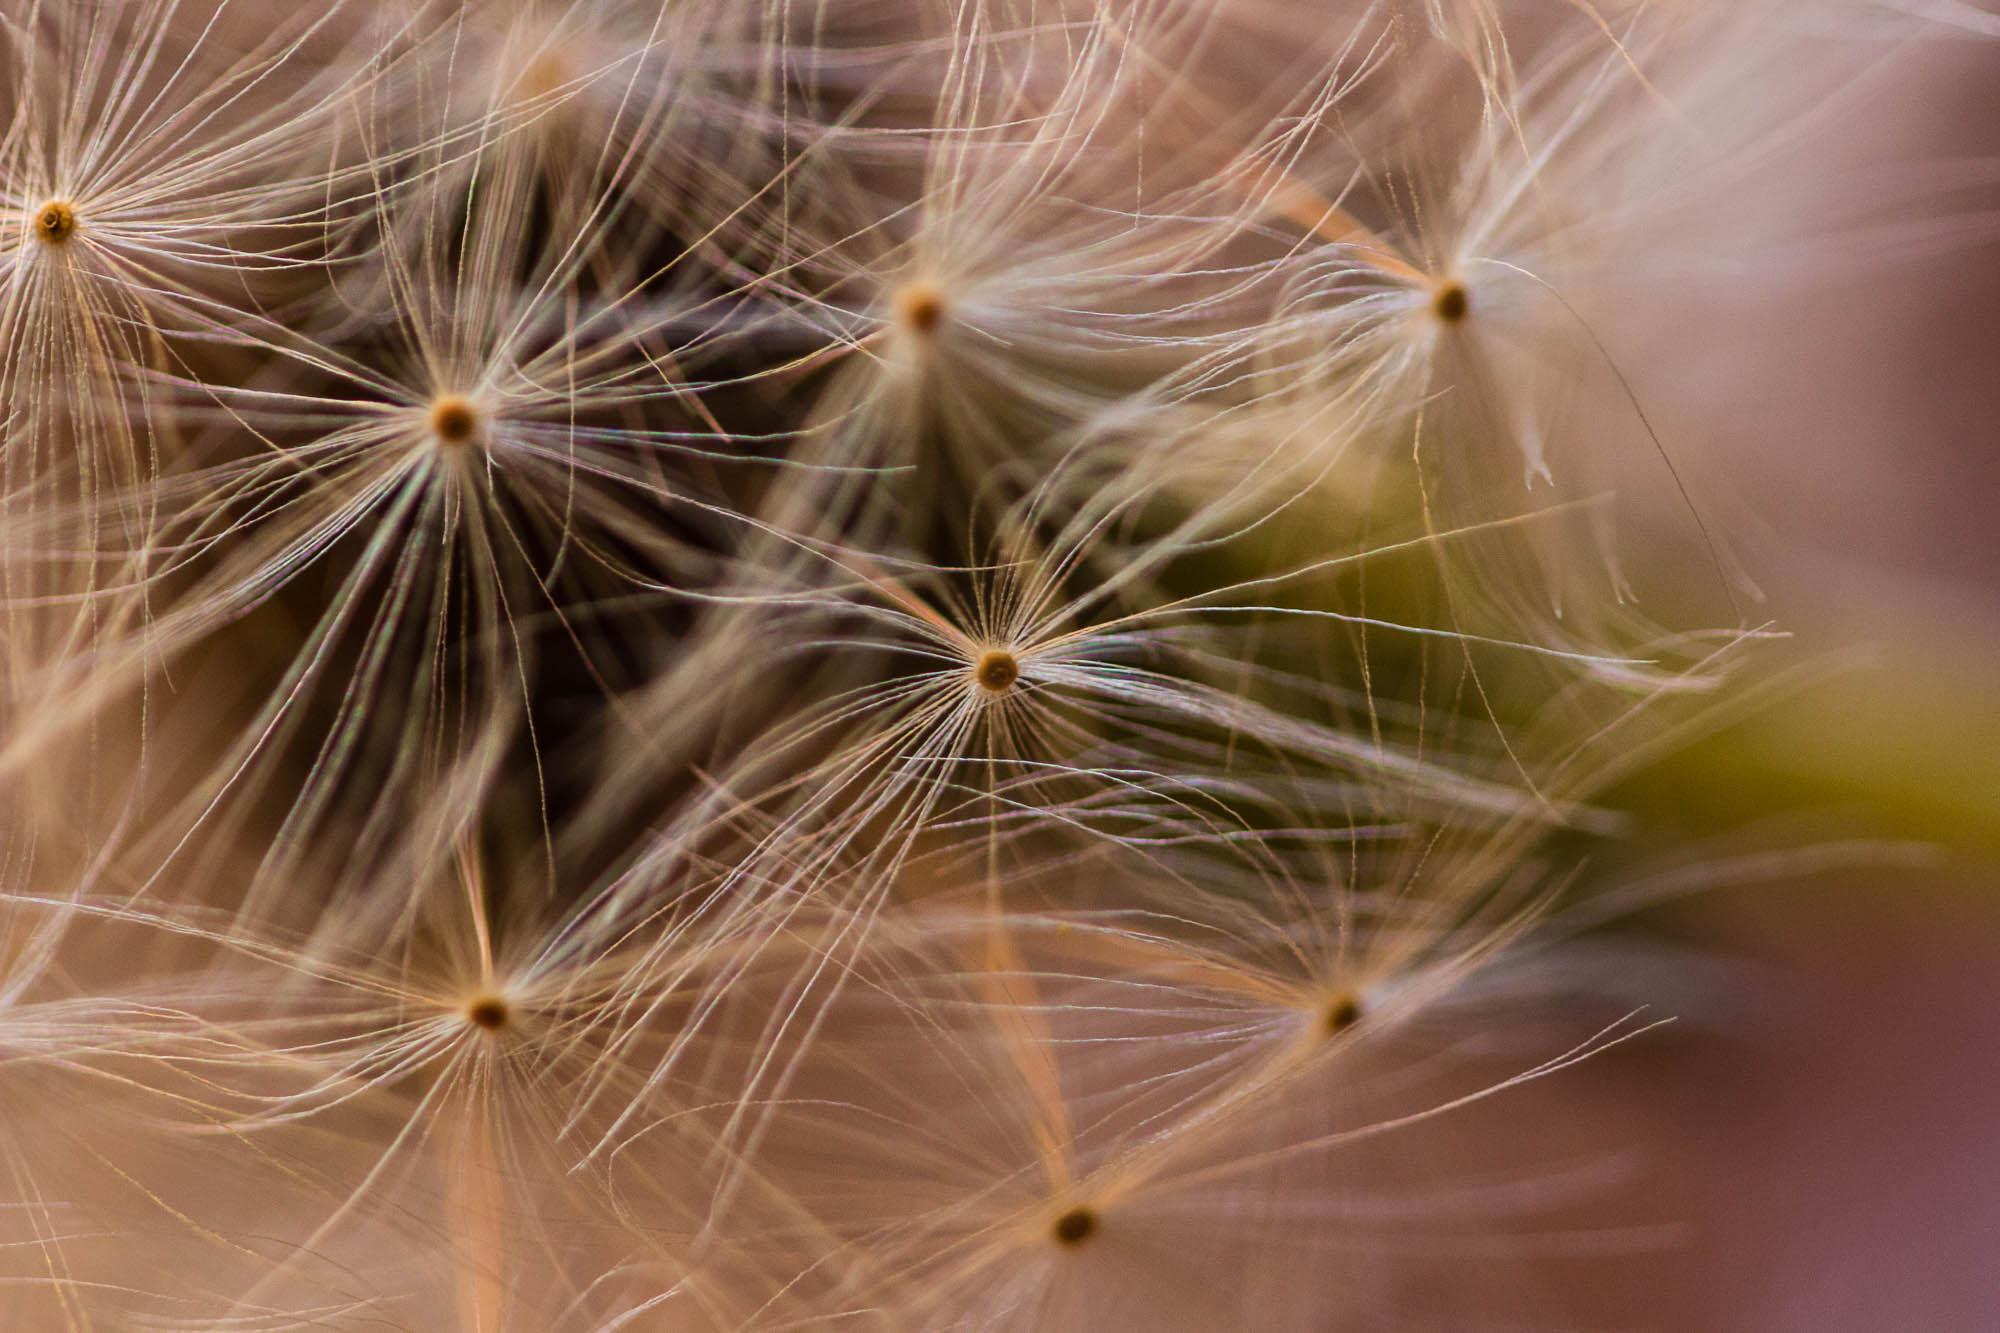 A dandelion up close.